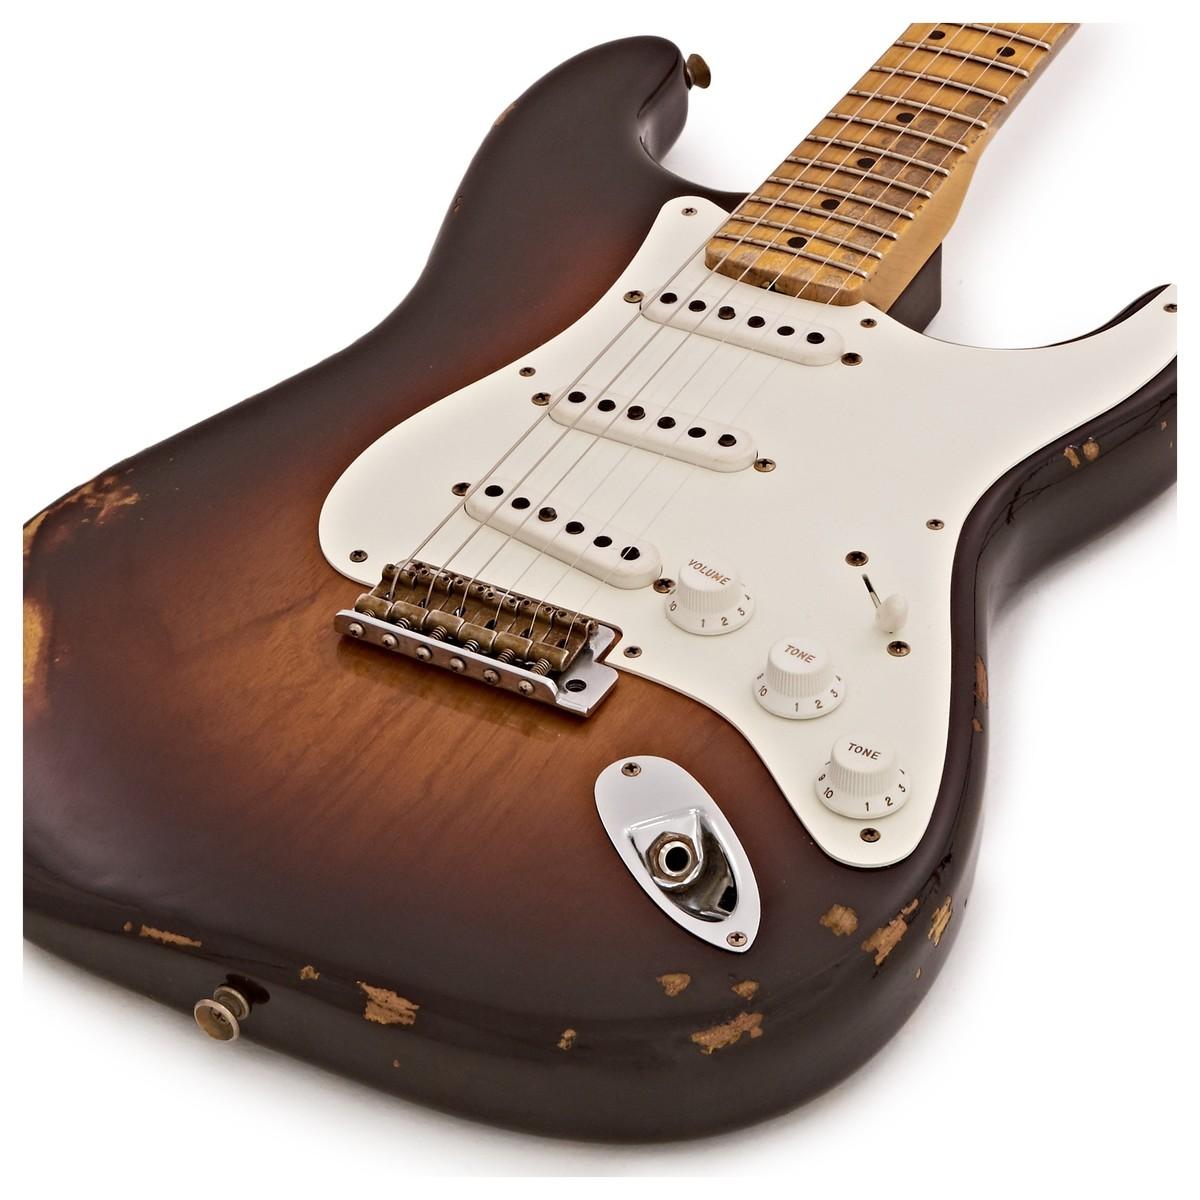 SOLD Fender Custom Shop 1955 Heavy Relic Stratocaster, Sunburst